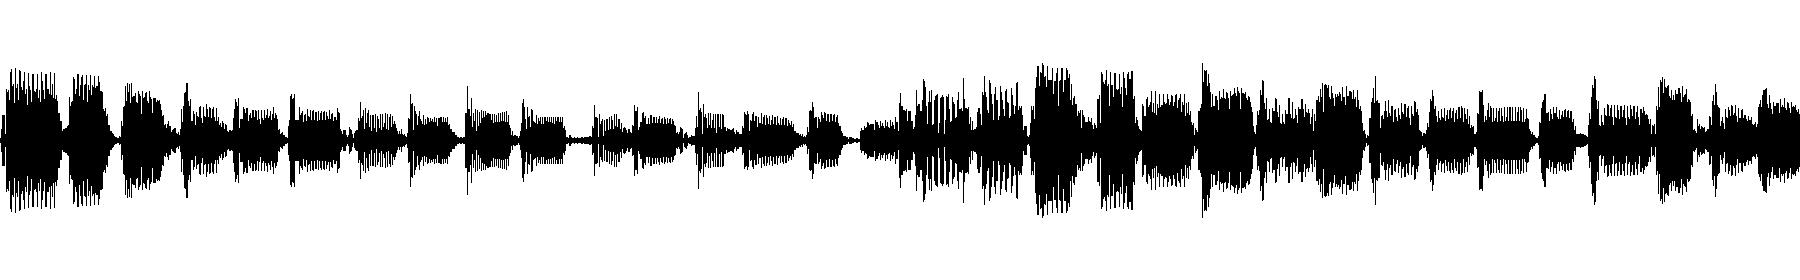 blbc jazzyripper 95 e